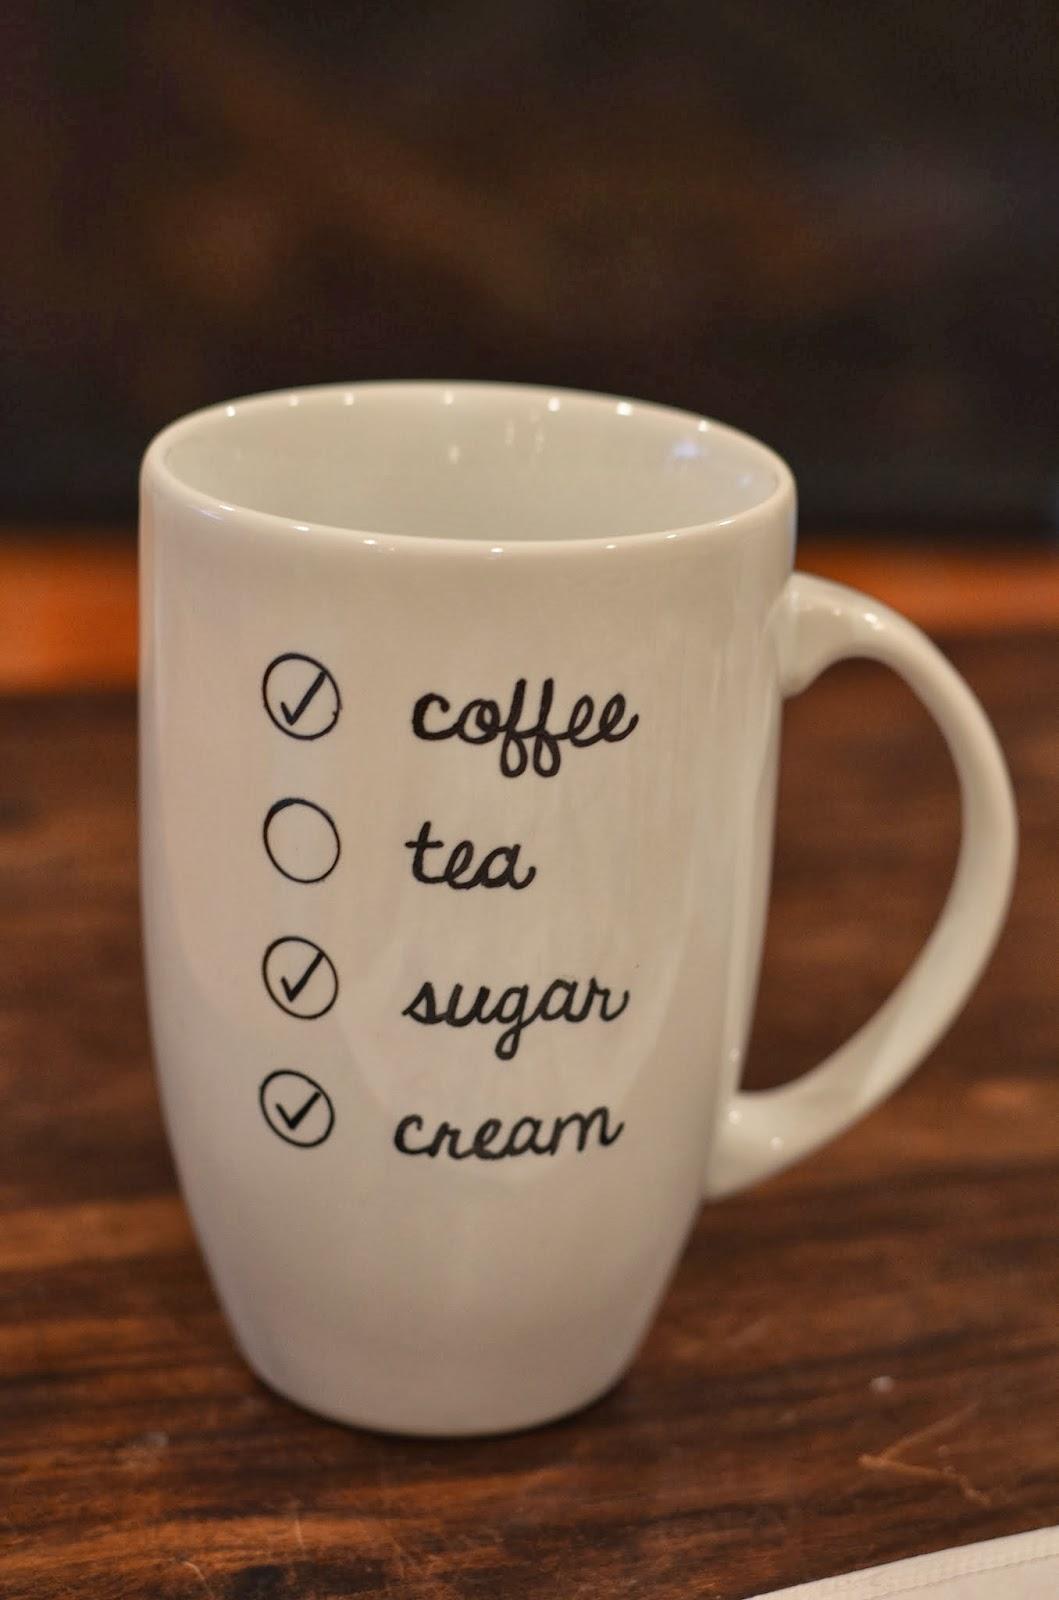 Cobberson.com sharpie mug